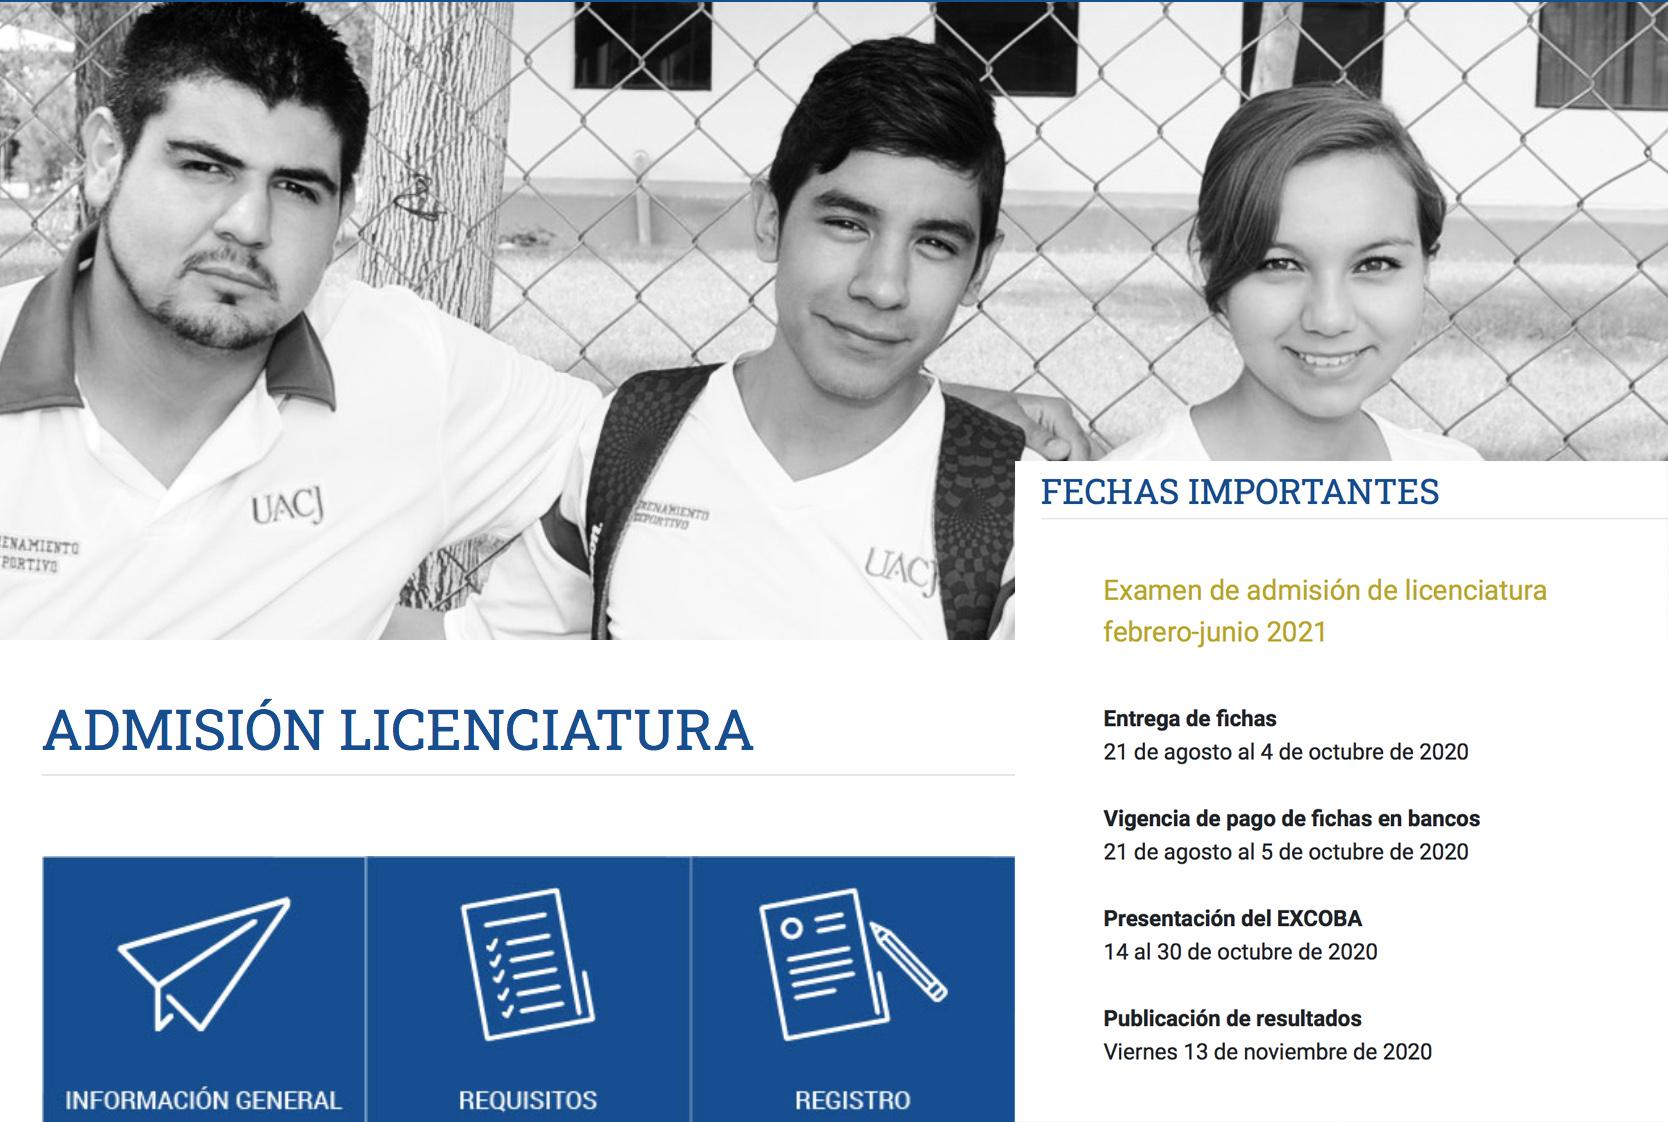 Finaliza UACJ la entrega de fichas para el examen de admisión